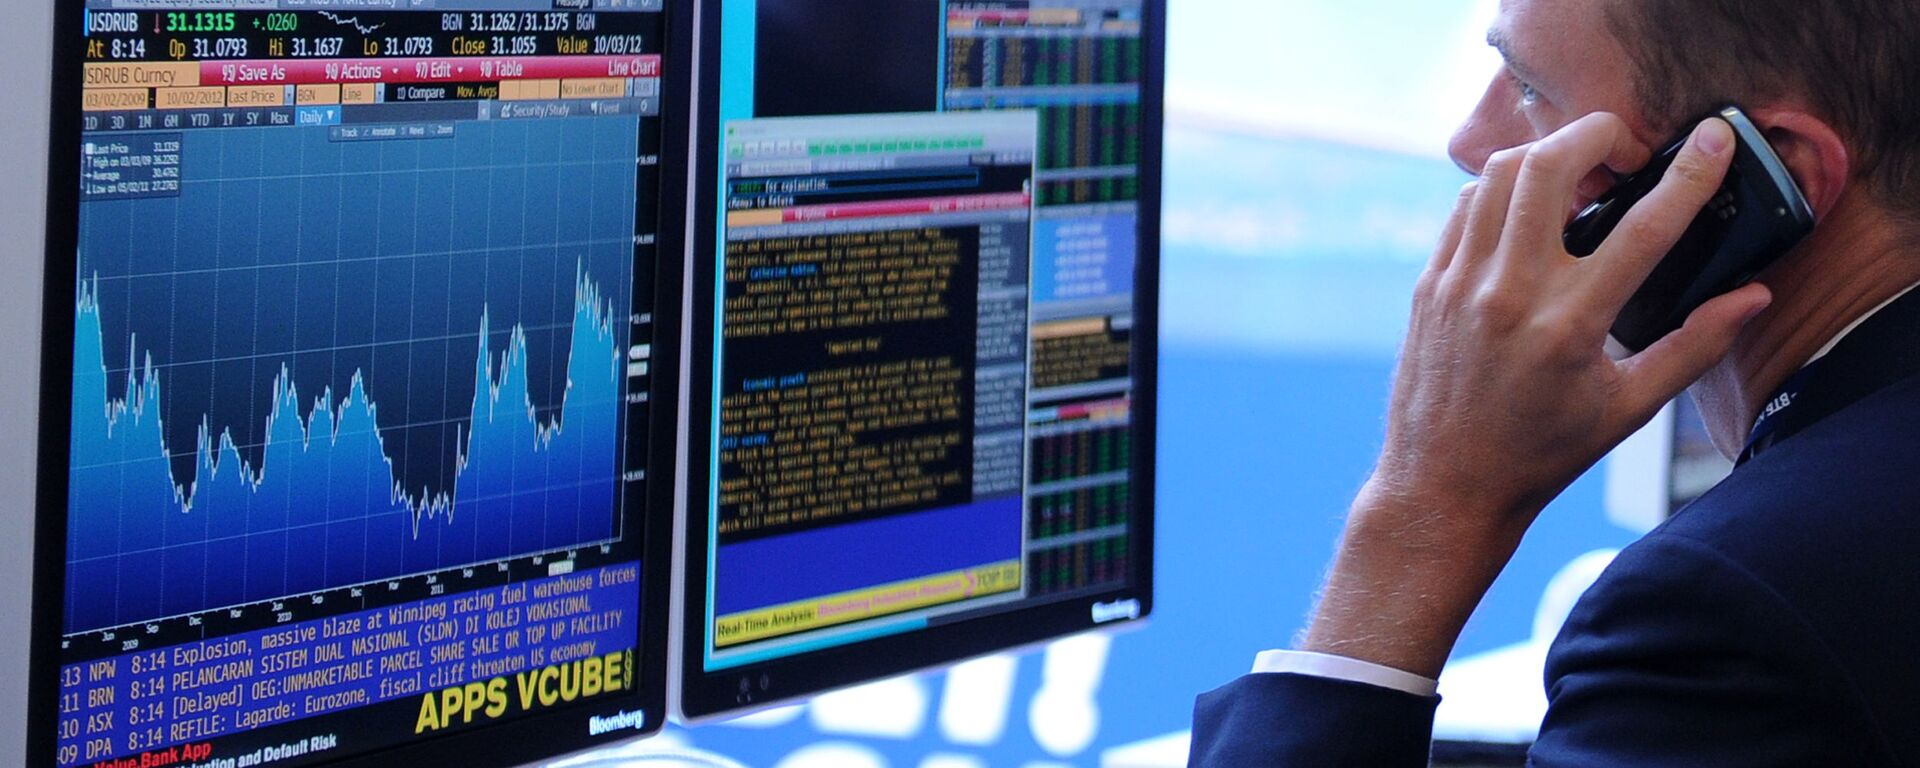 Экран, транслирующий биржевые графики и диаграммы - Sputnik Узбекистан, 1920, 28.01.2021